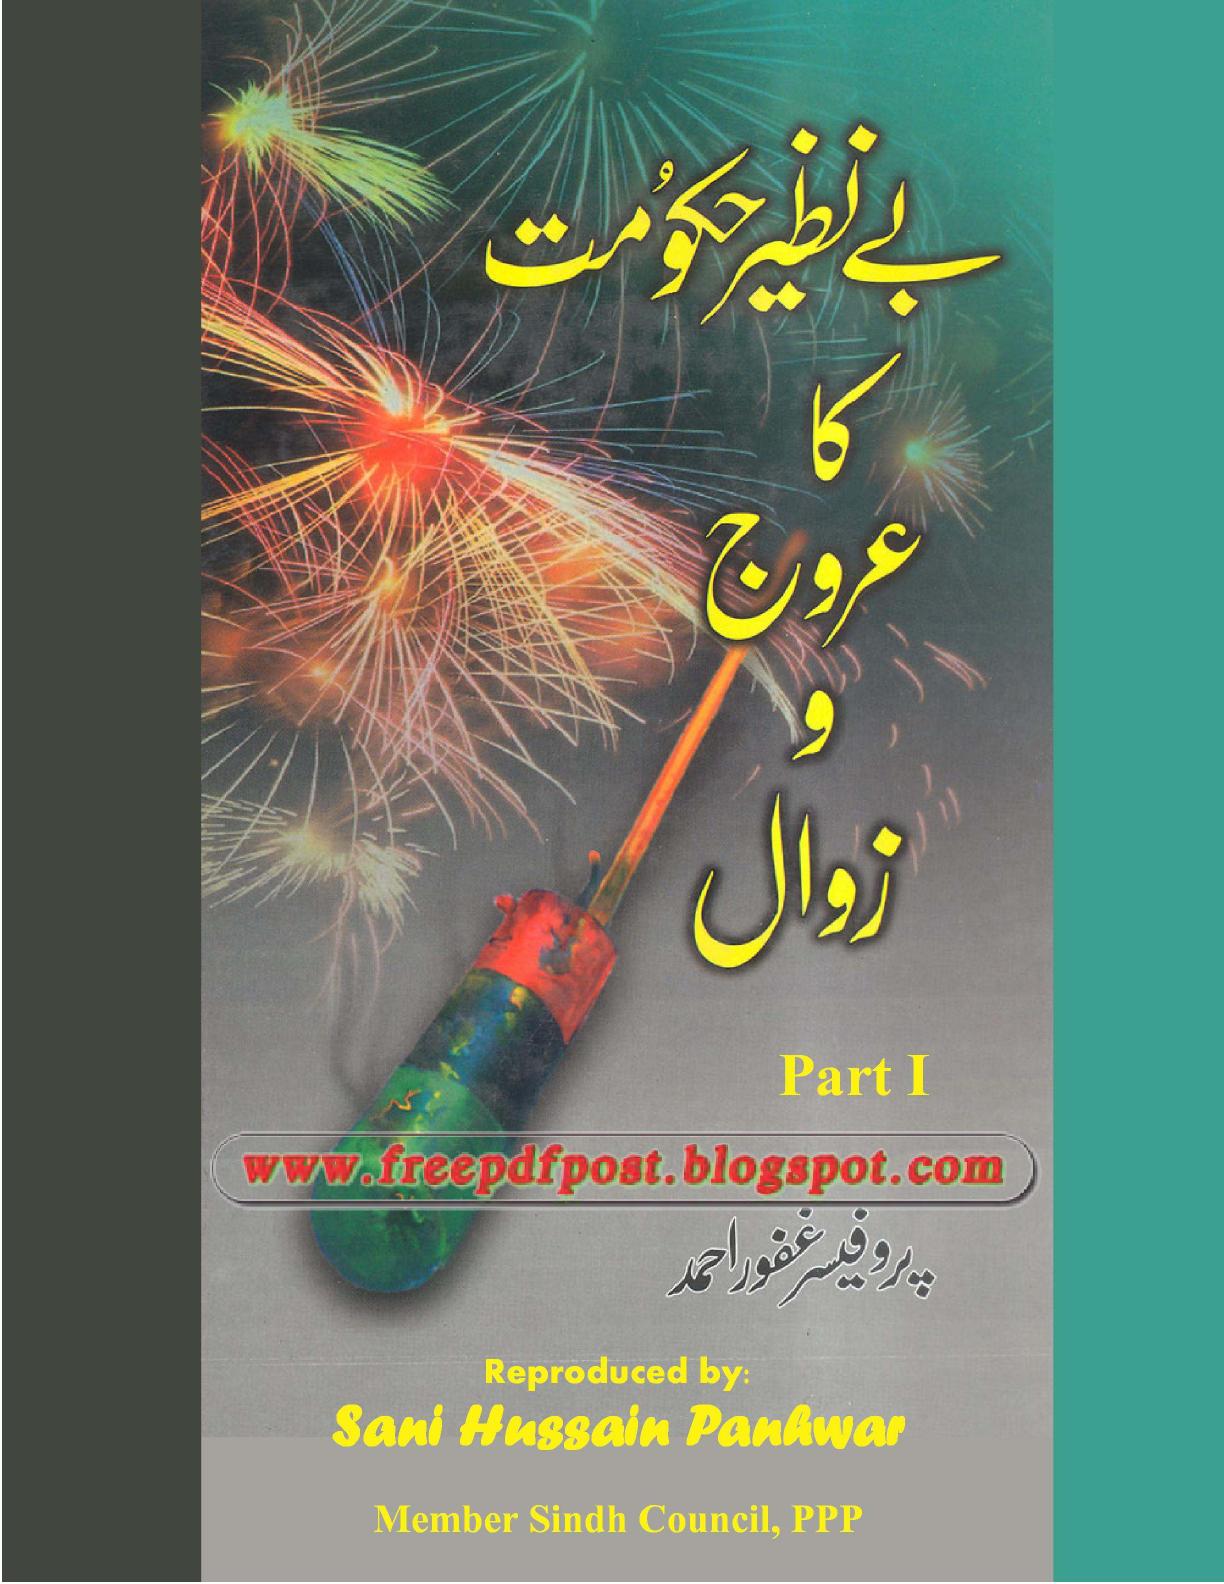 http://www.mediafire.com/view/i0j5inov8deftdt/B_Hakumat_Uroj_Zawal_Part-I-signed.pdf